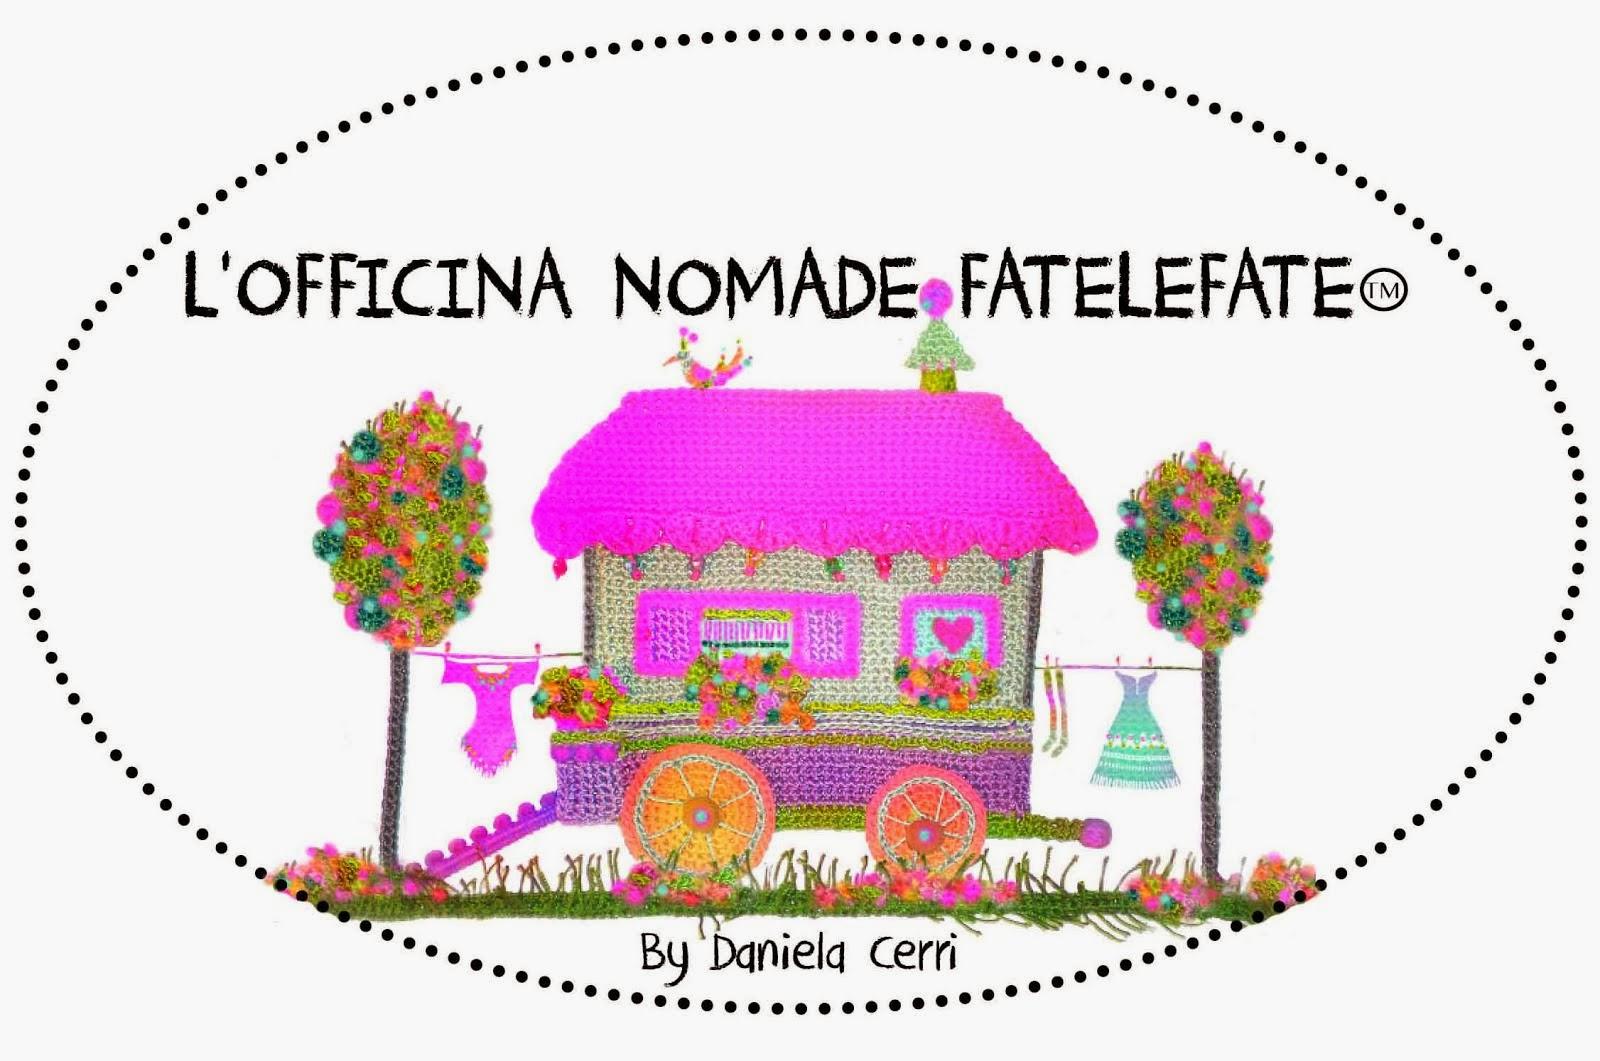 NUOVO LOGO L'OFFICINA NOMADE FATELEFATE FATELEFATE P.IVA n. 07252250969